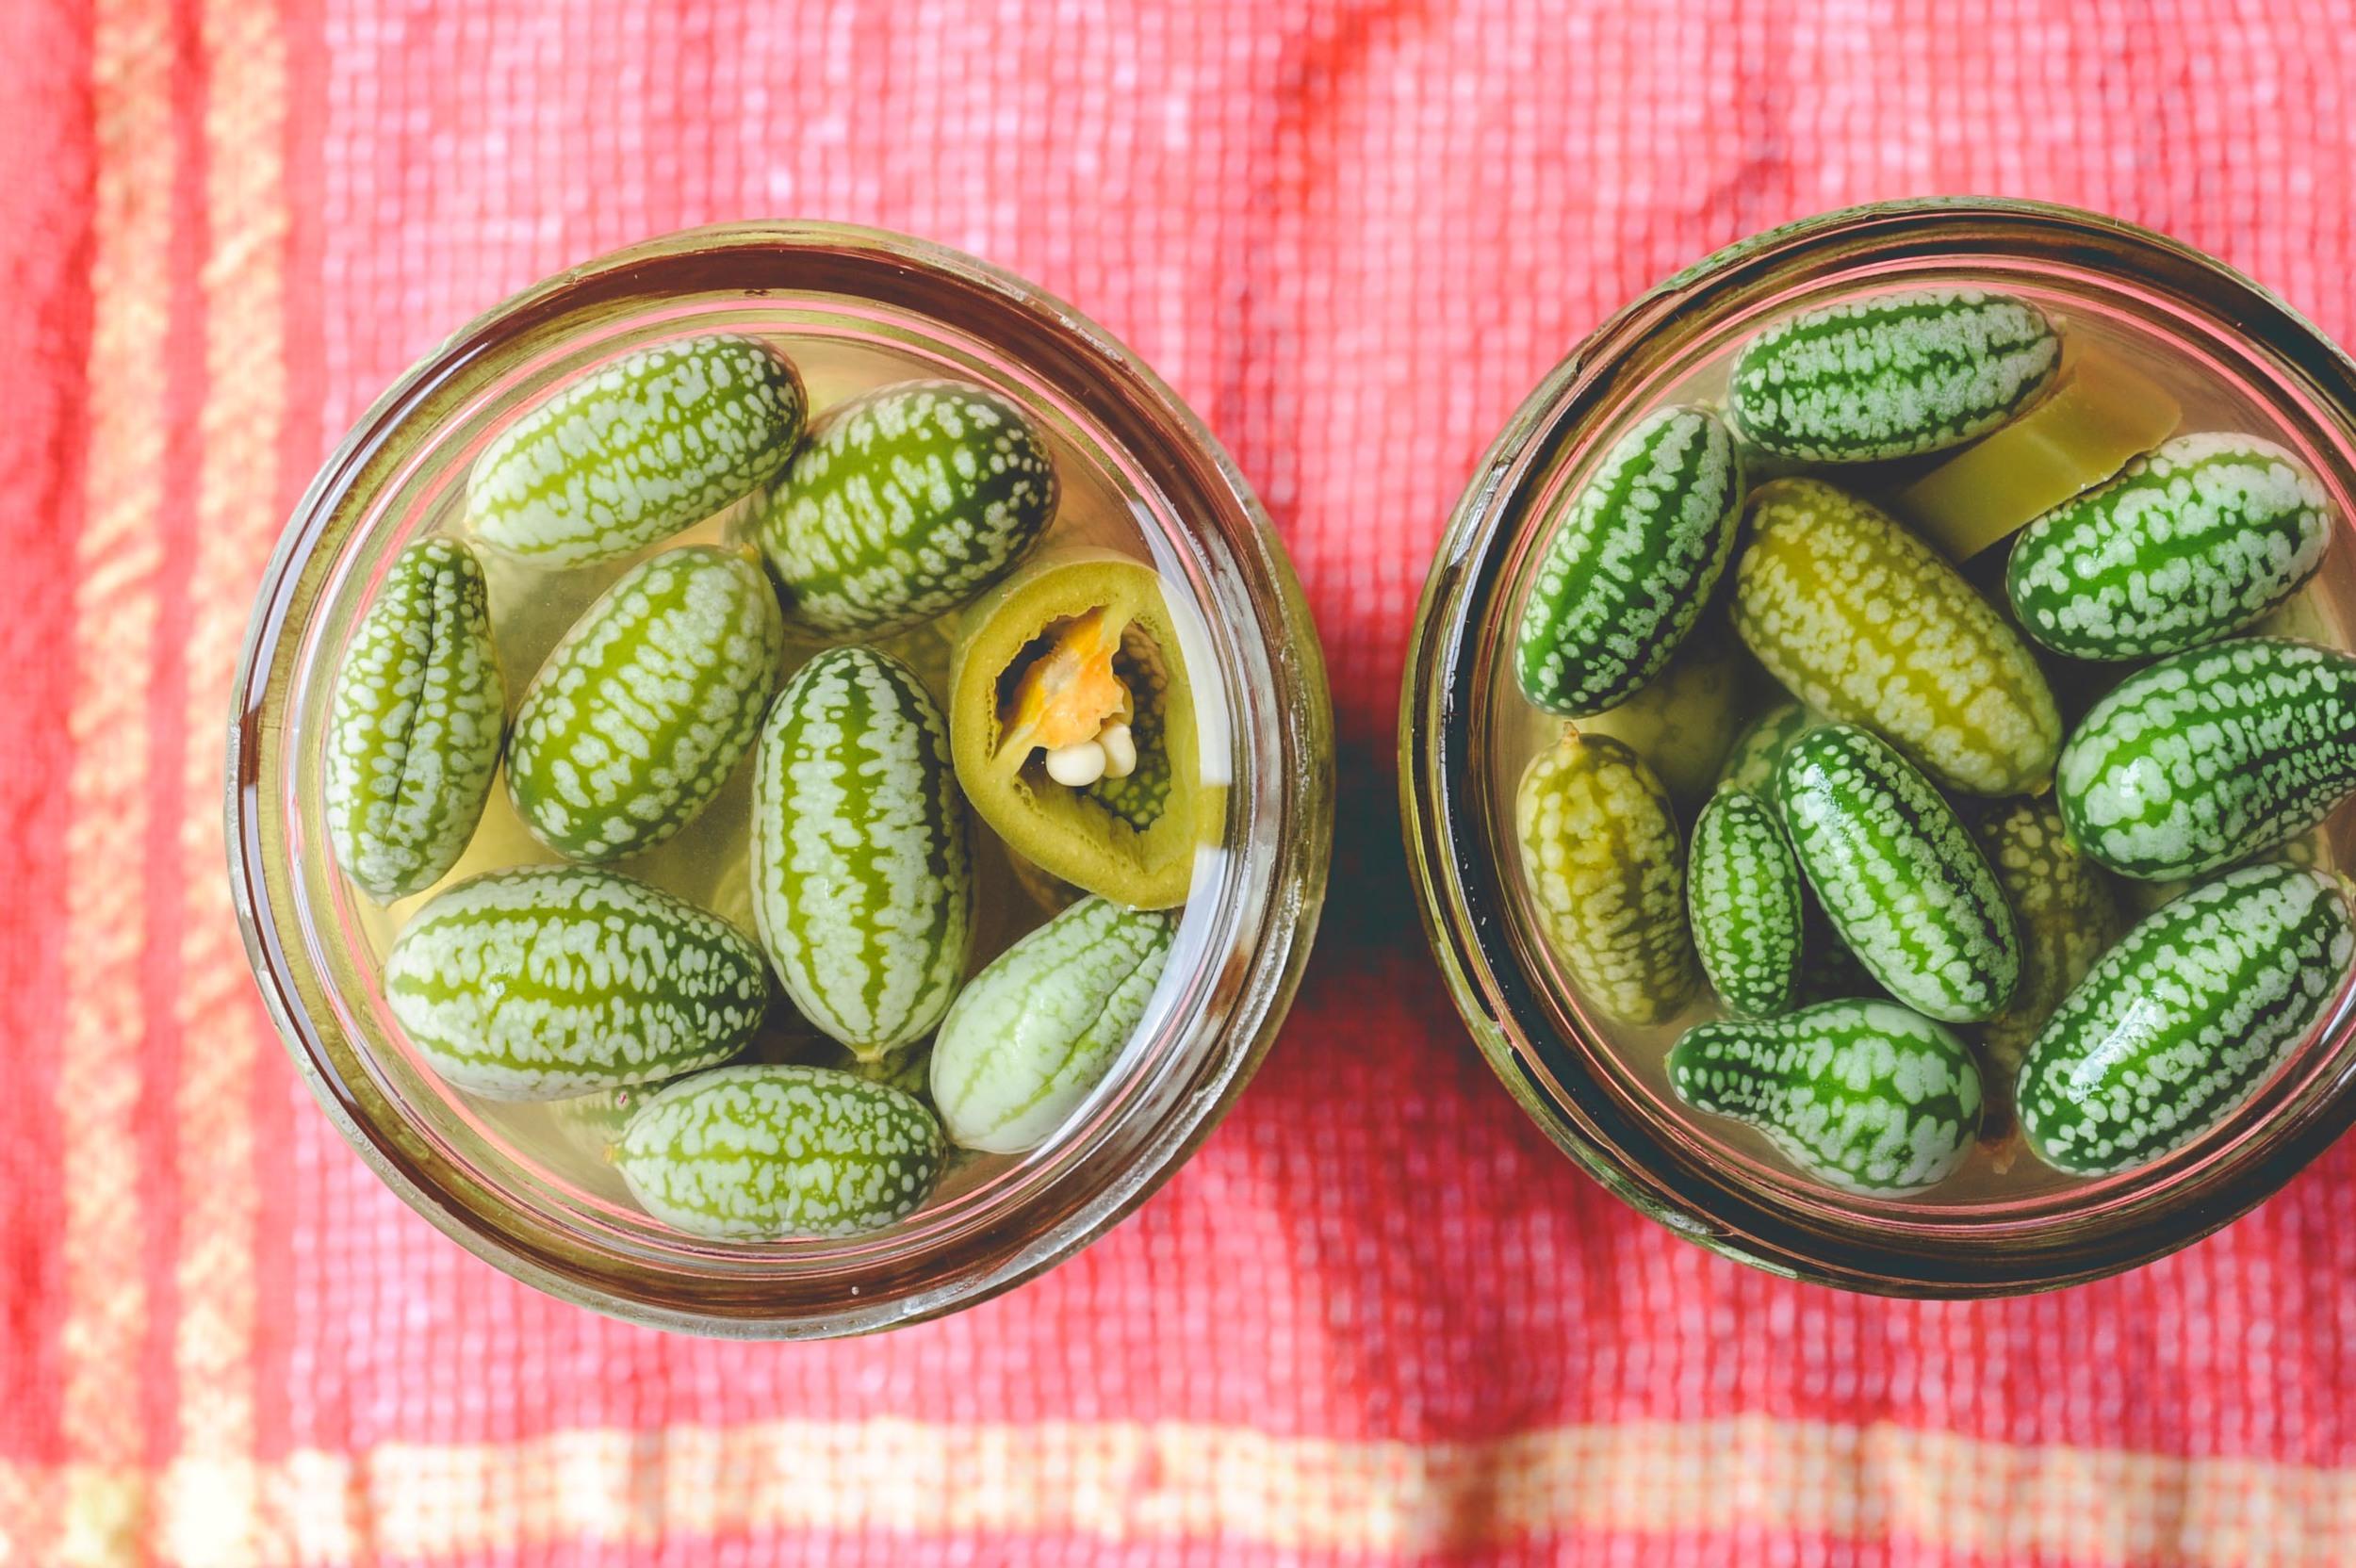 Mexican Sour Gherkin Pickles_Seattle Urban Farm Co.